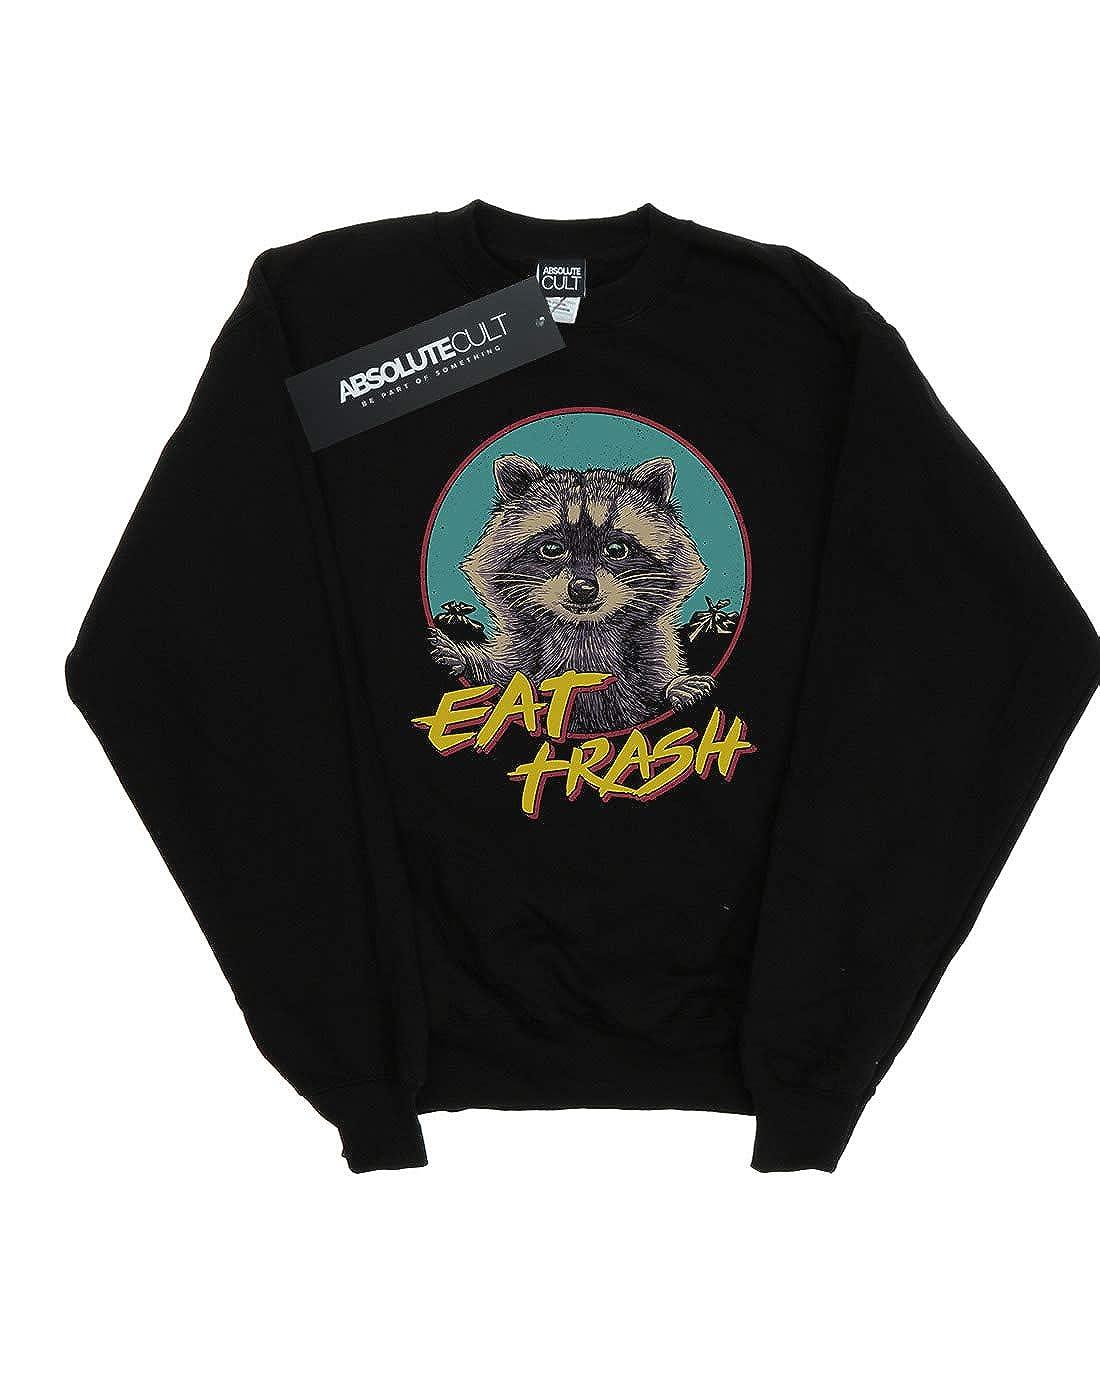 Vincent Trinidad Womens Eat Trash Sweatshirt